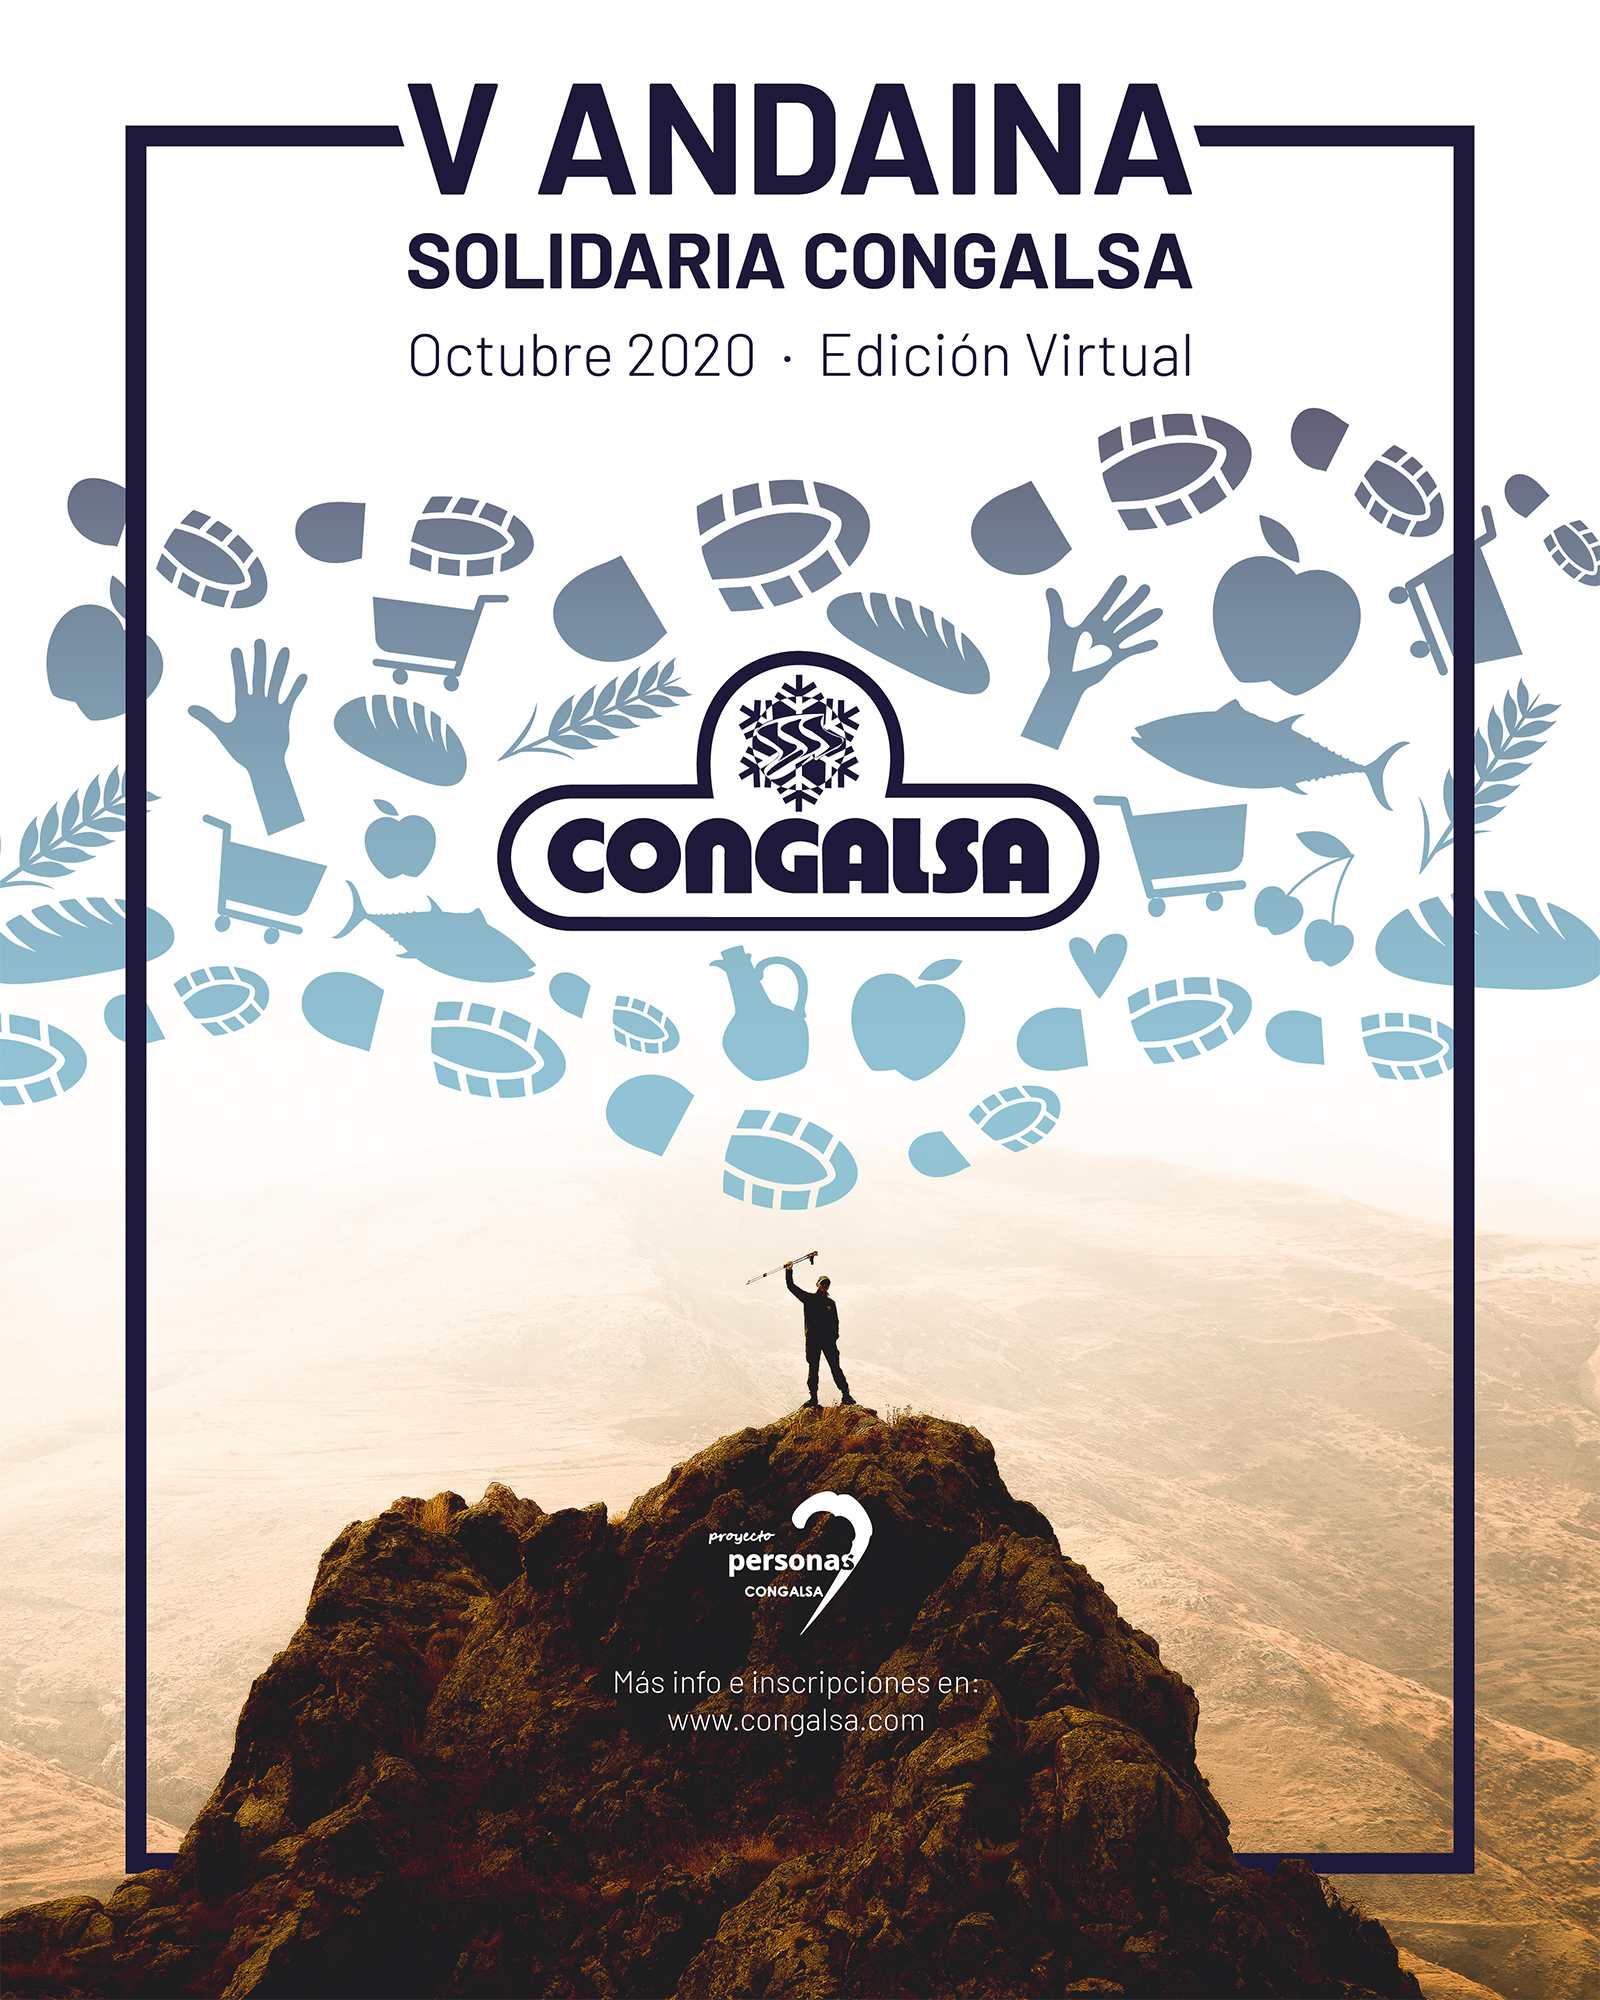 V ANDAINA SOLIDARIA CONGALSA - EDICIÓN VIRTUAL - Inscríbete